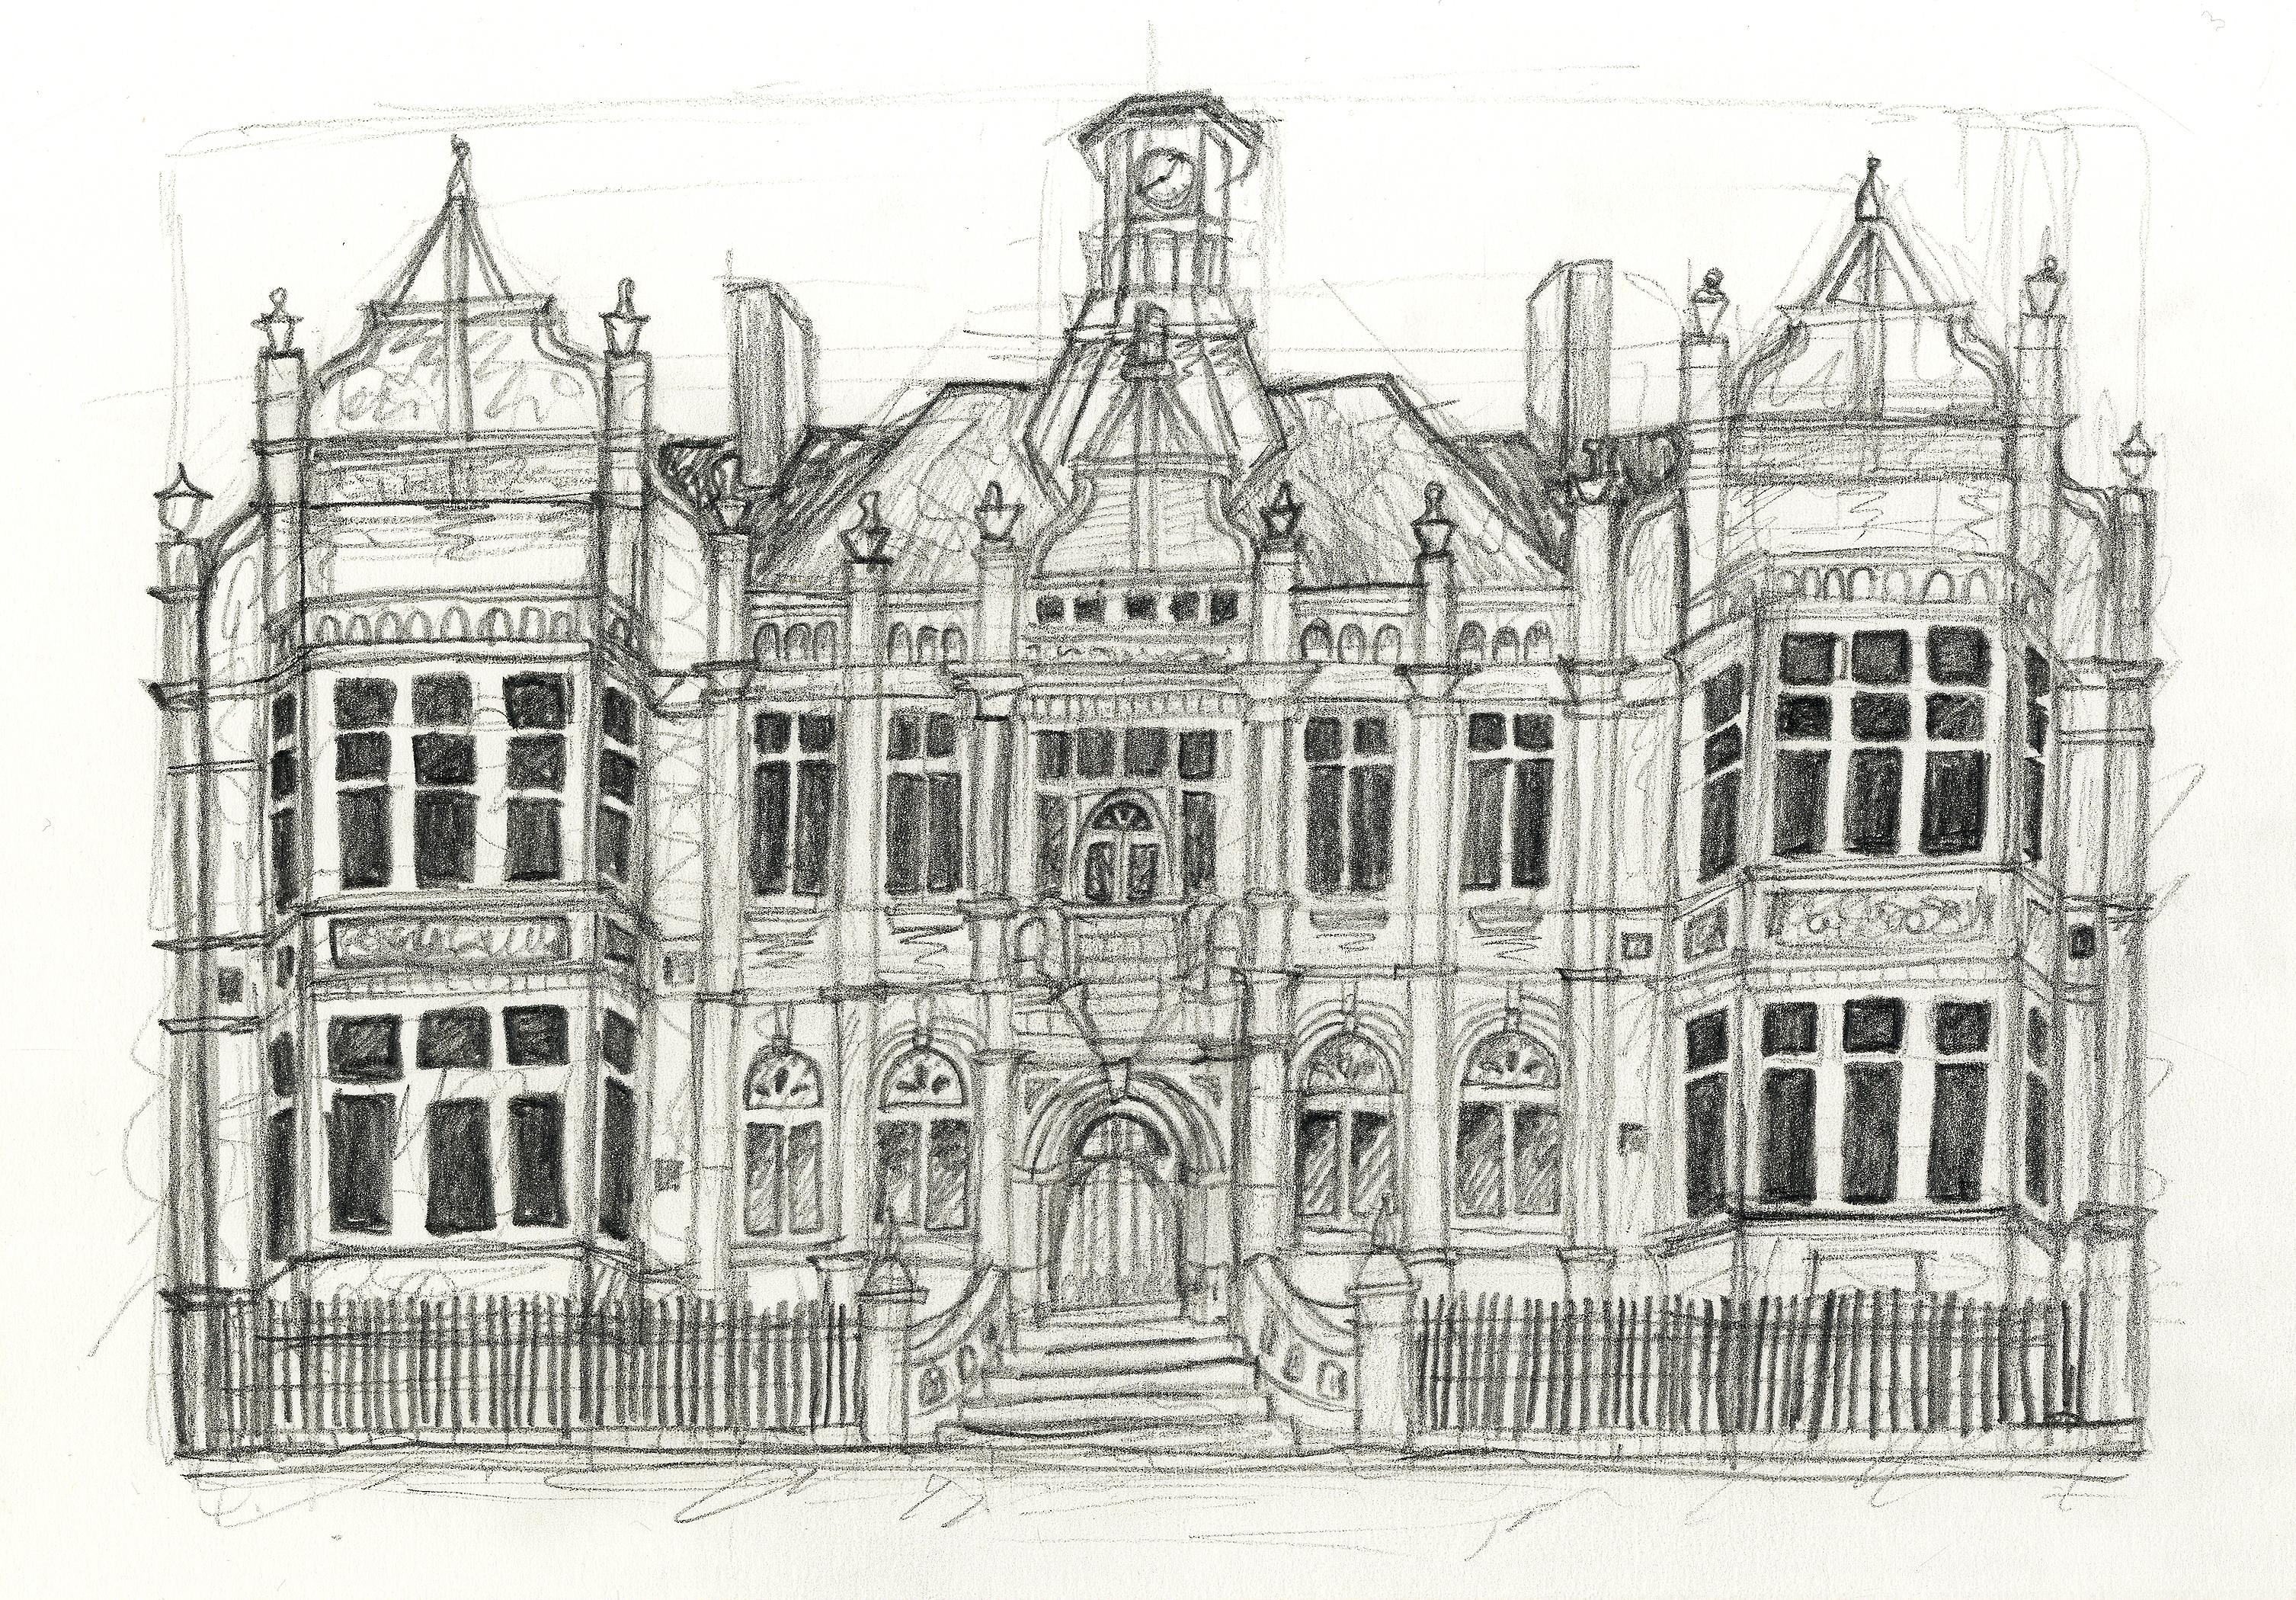 Merthyr 'Red House' Illustration